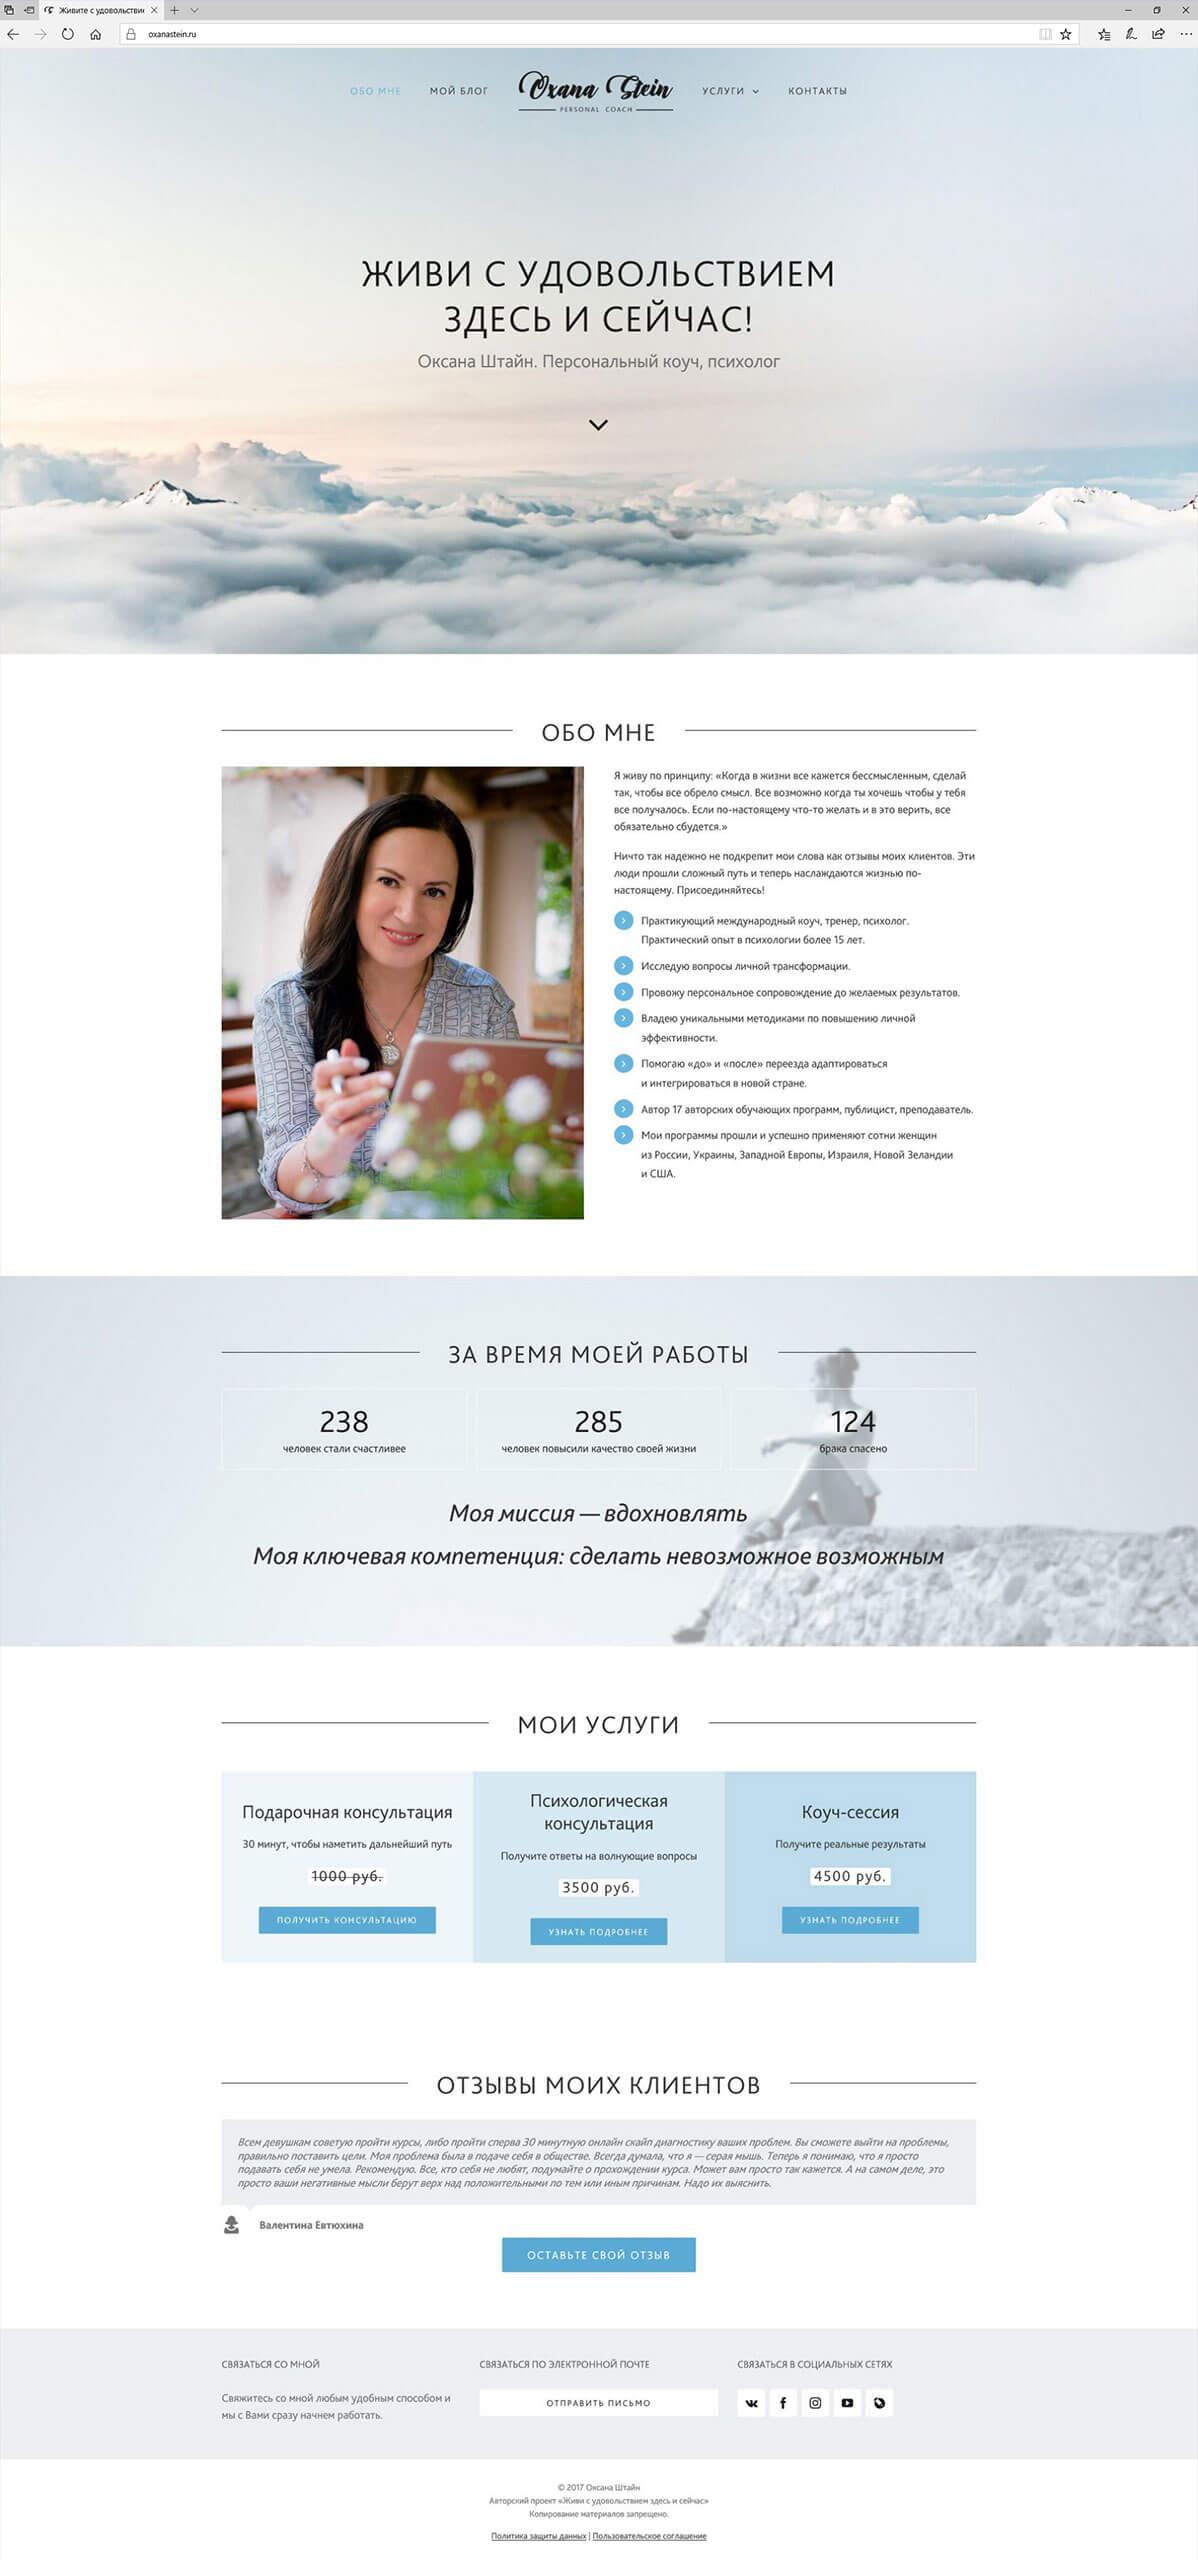 Сайт психолога и персонального коуча Оксаны Штайн